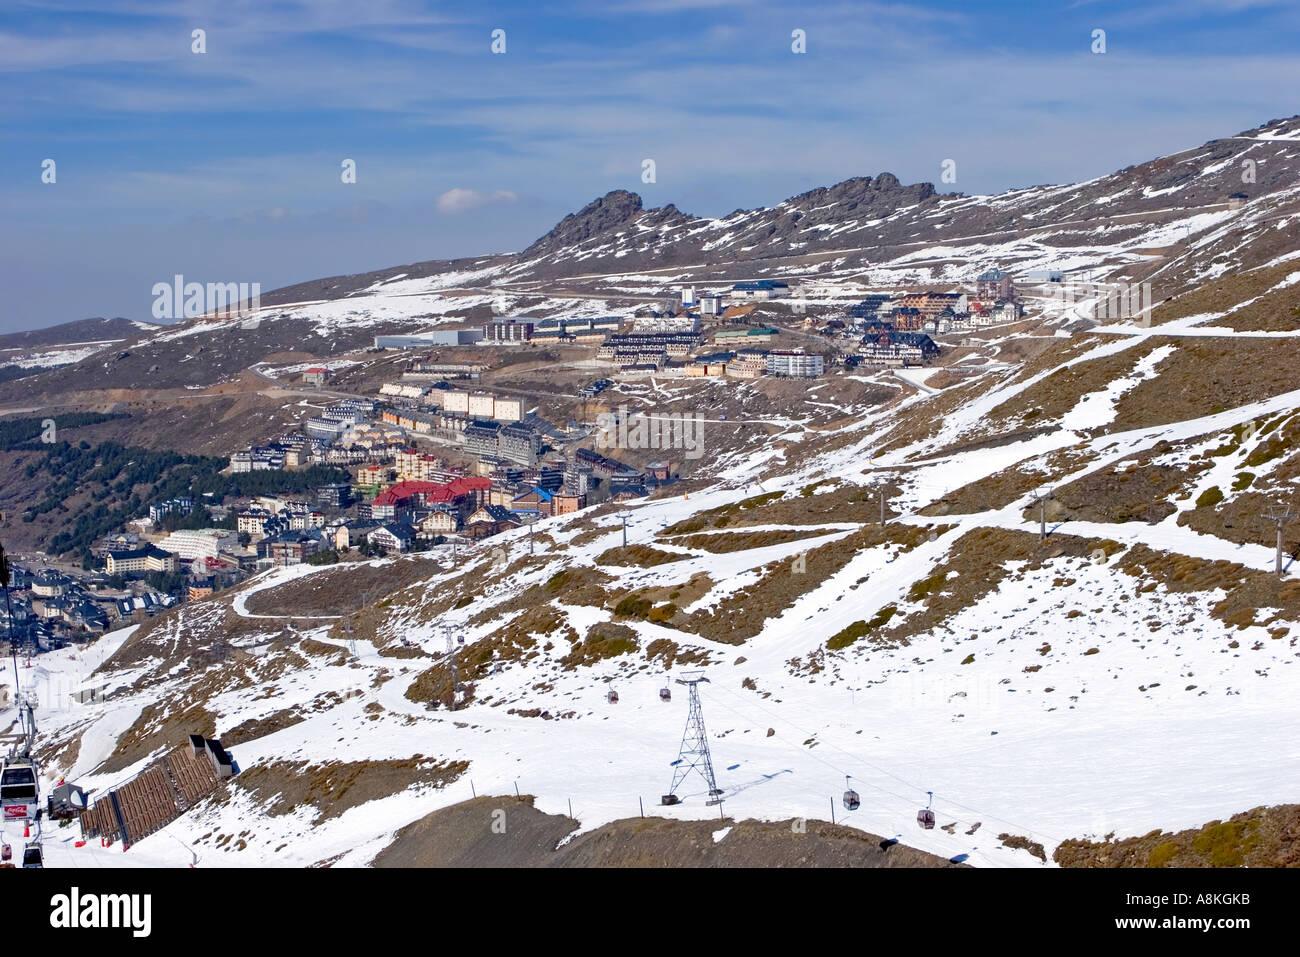 snowy ski slopes of pradollano ski resort in the sierra nevada stock